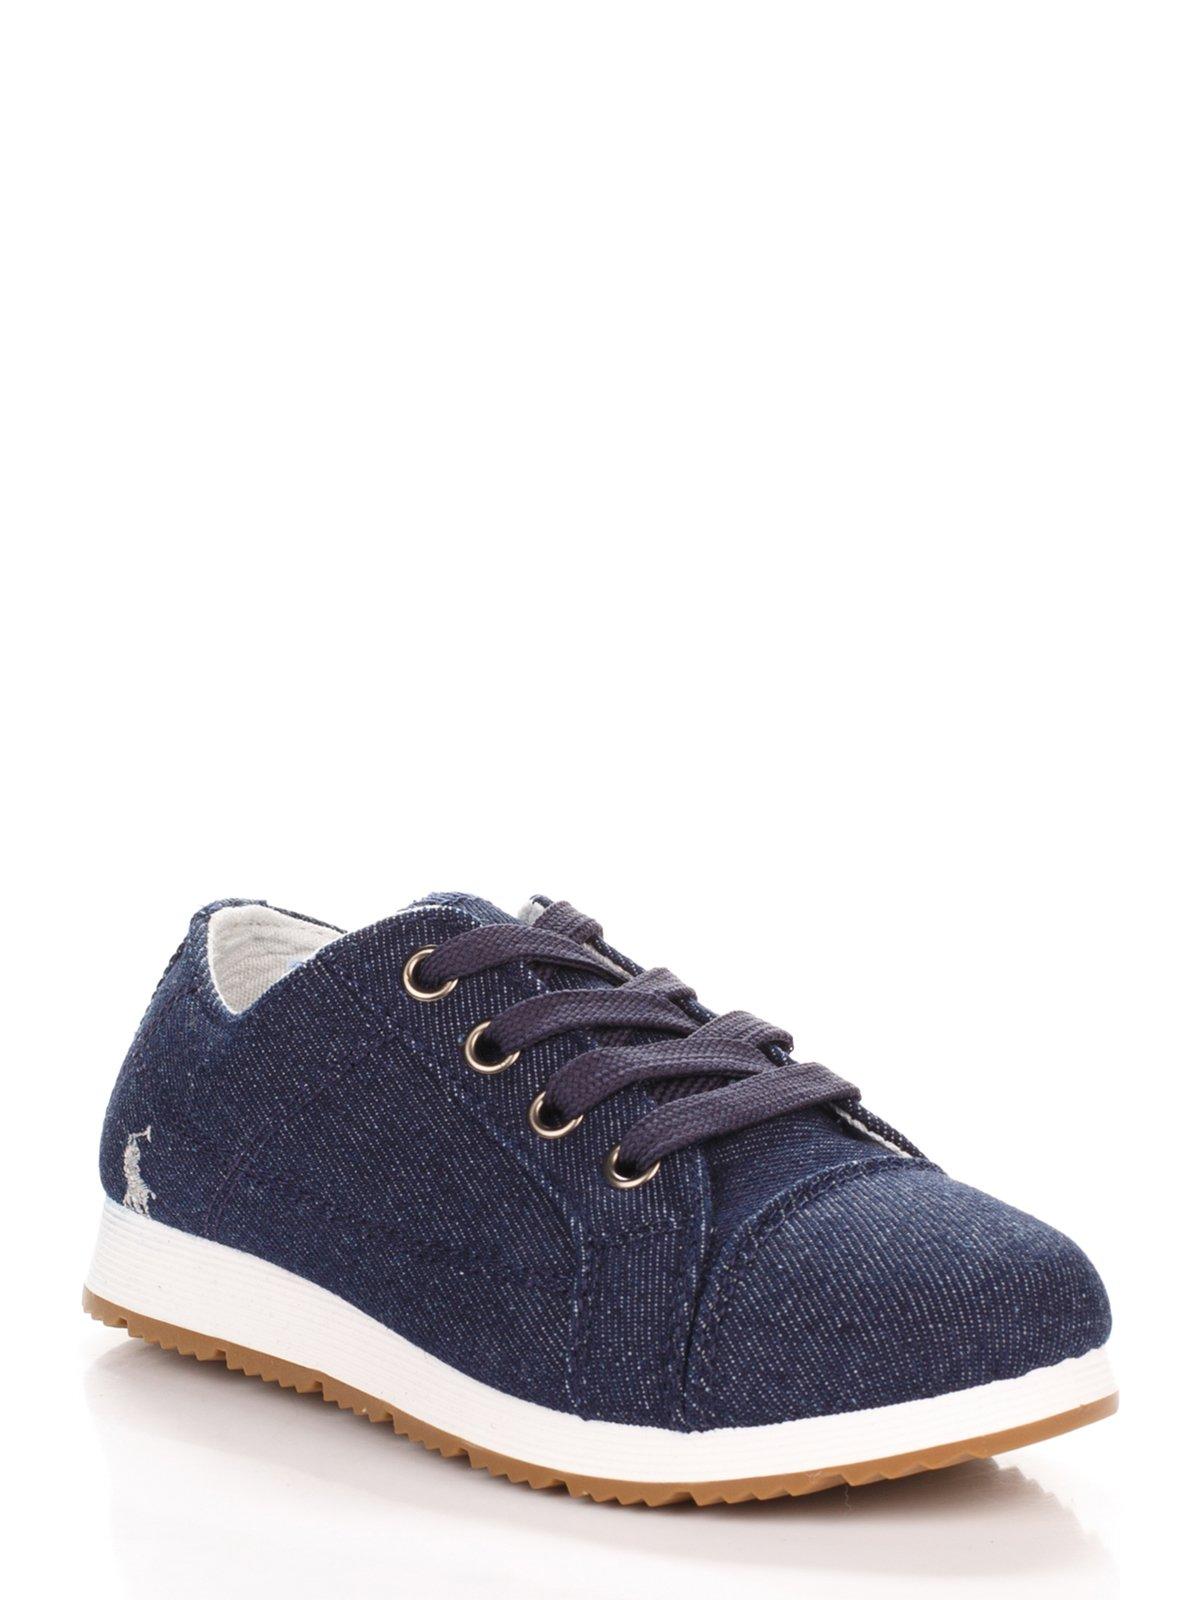 Кроссовки темно-синие | 3919473